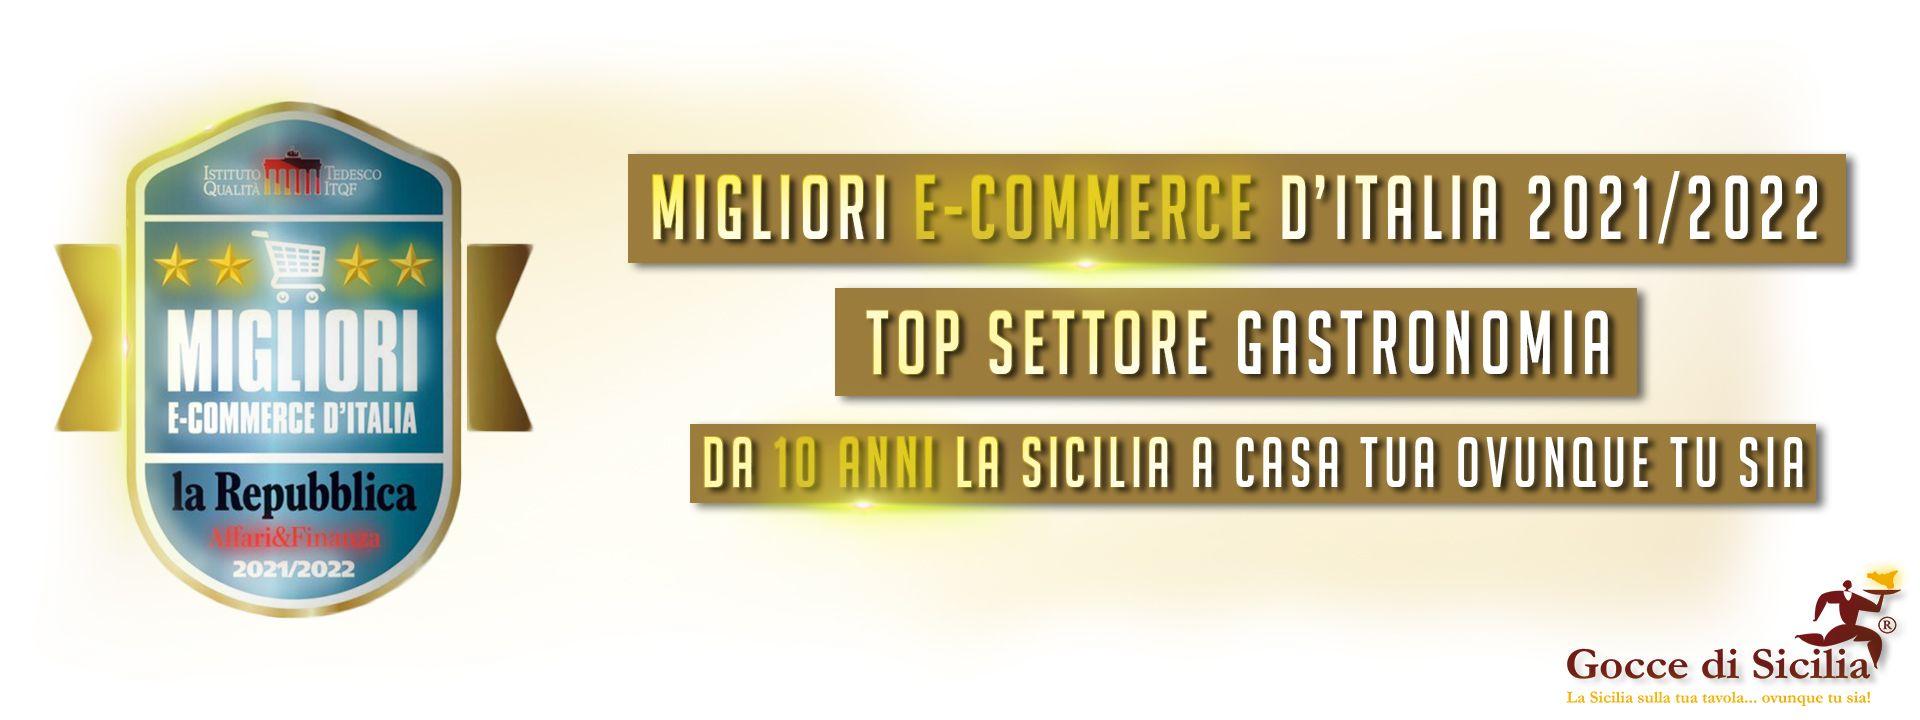 Miglior e-commerce